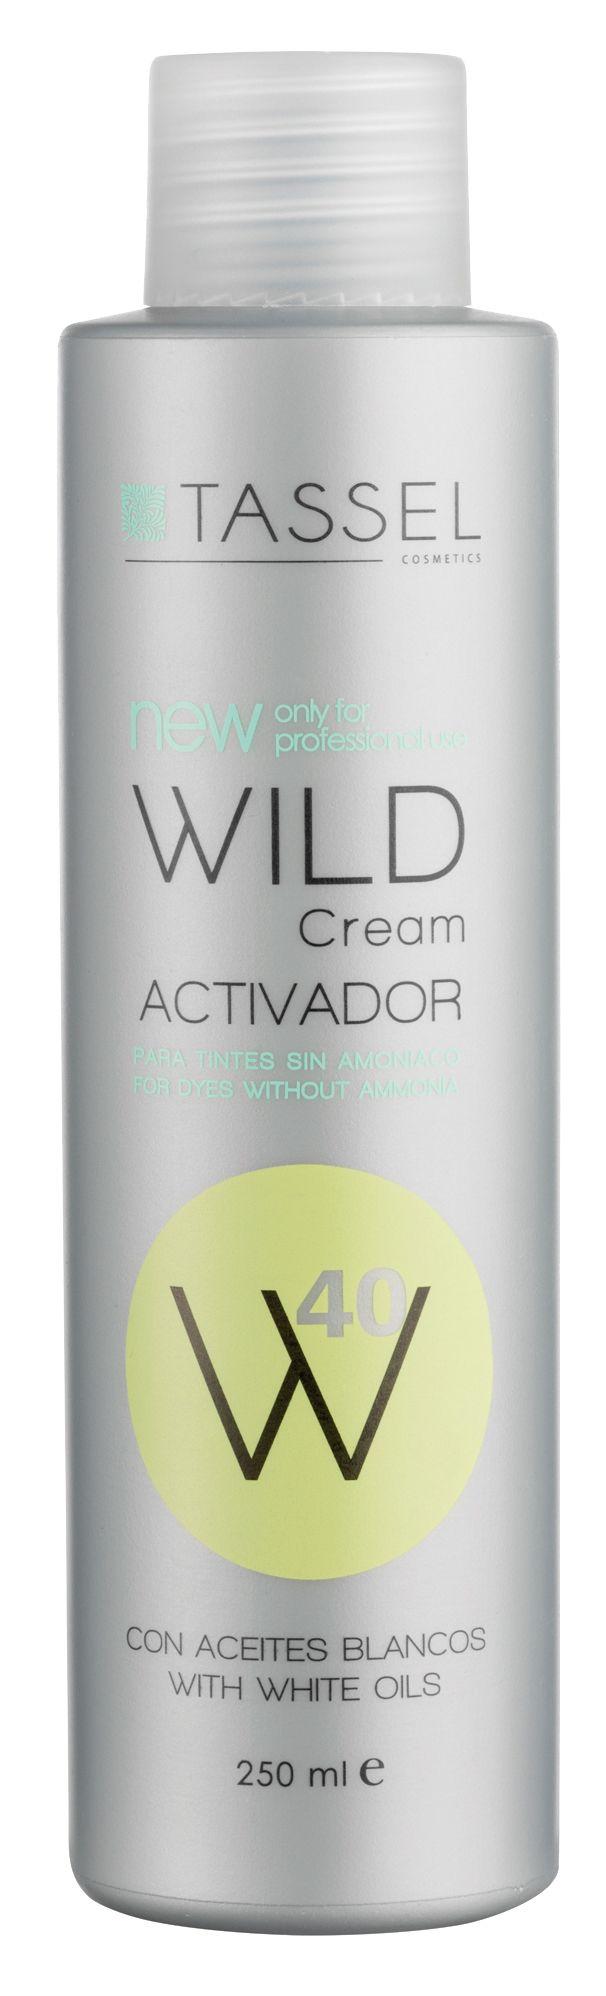 Activador 40 Vol. para tintes SIN Amoniaco. Con aroma a manzana verde. #tinte #HairDye #TasselCosmetics #TasselYourHair